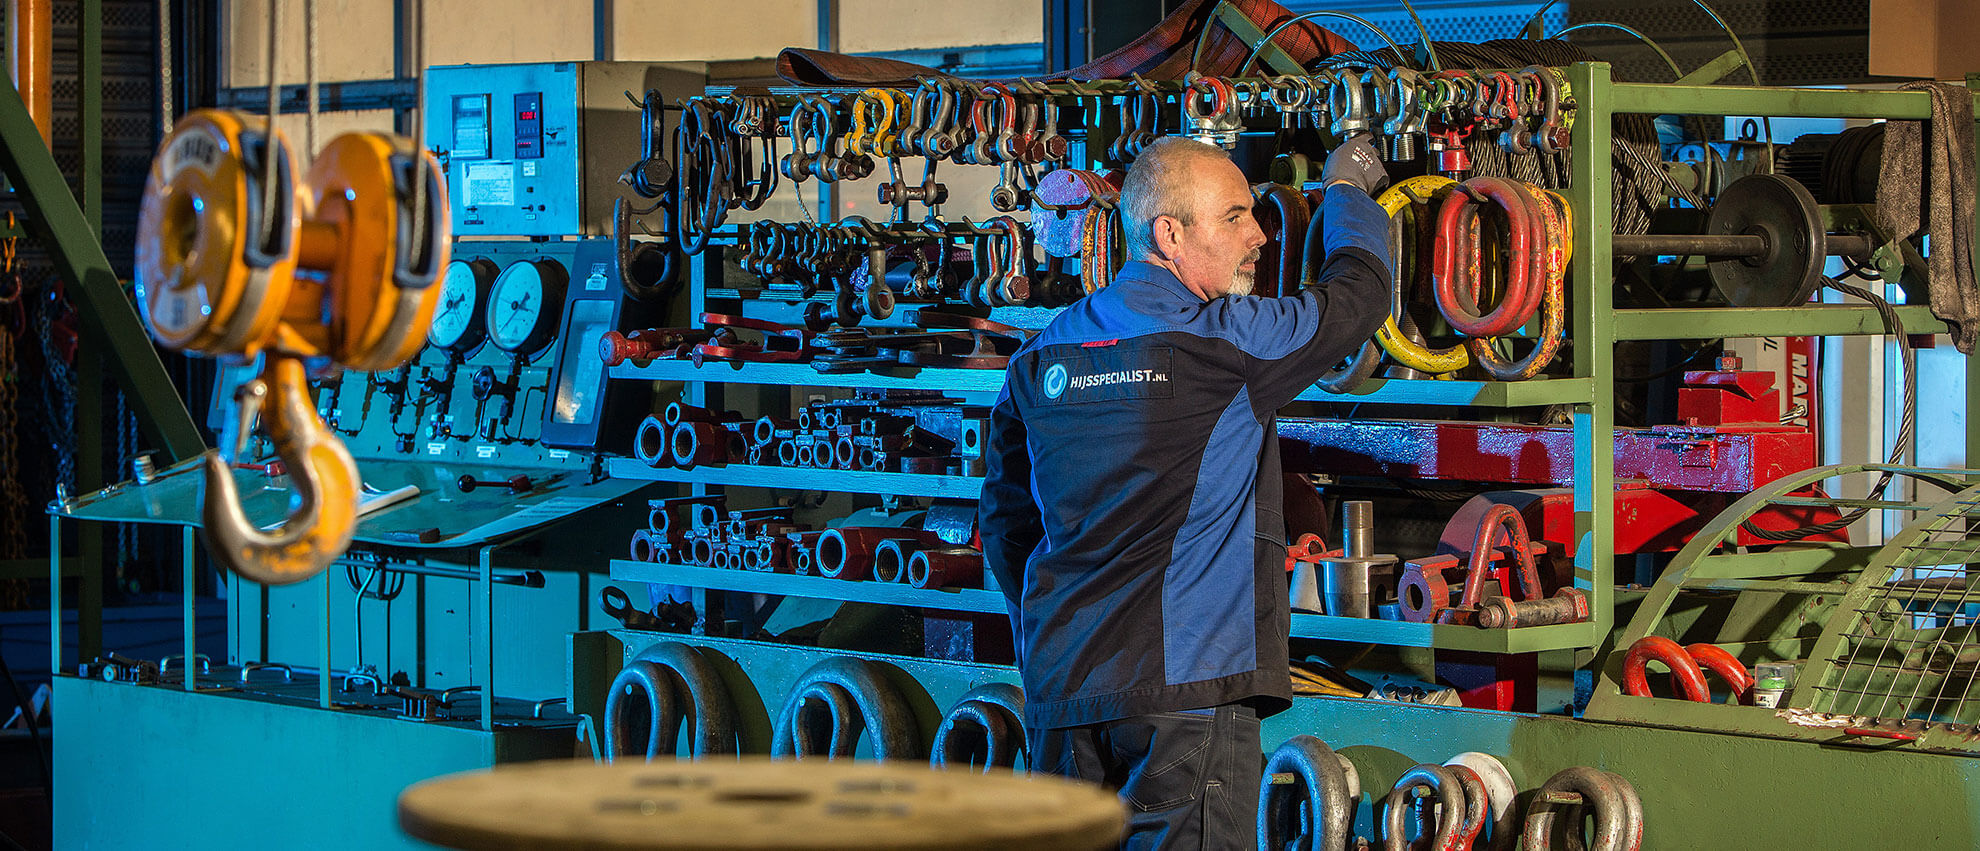 Hijsspecialist.nl levering